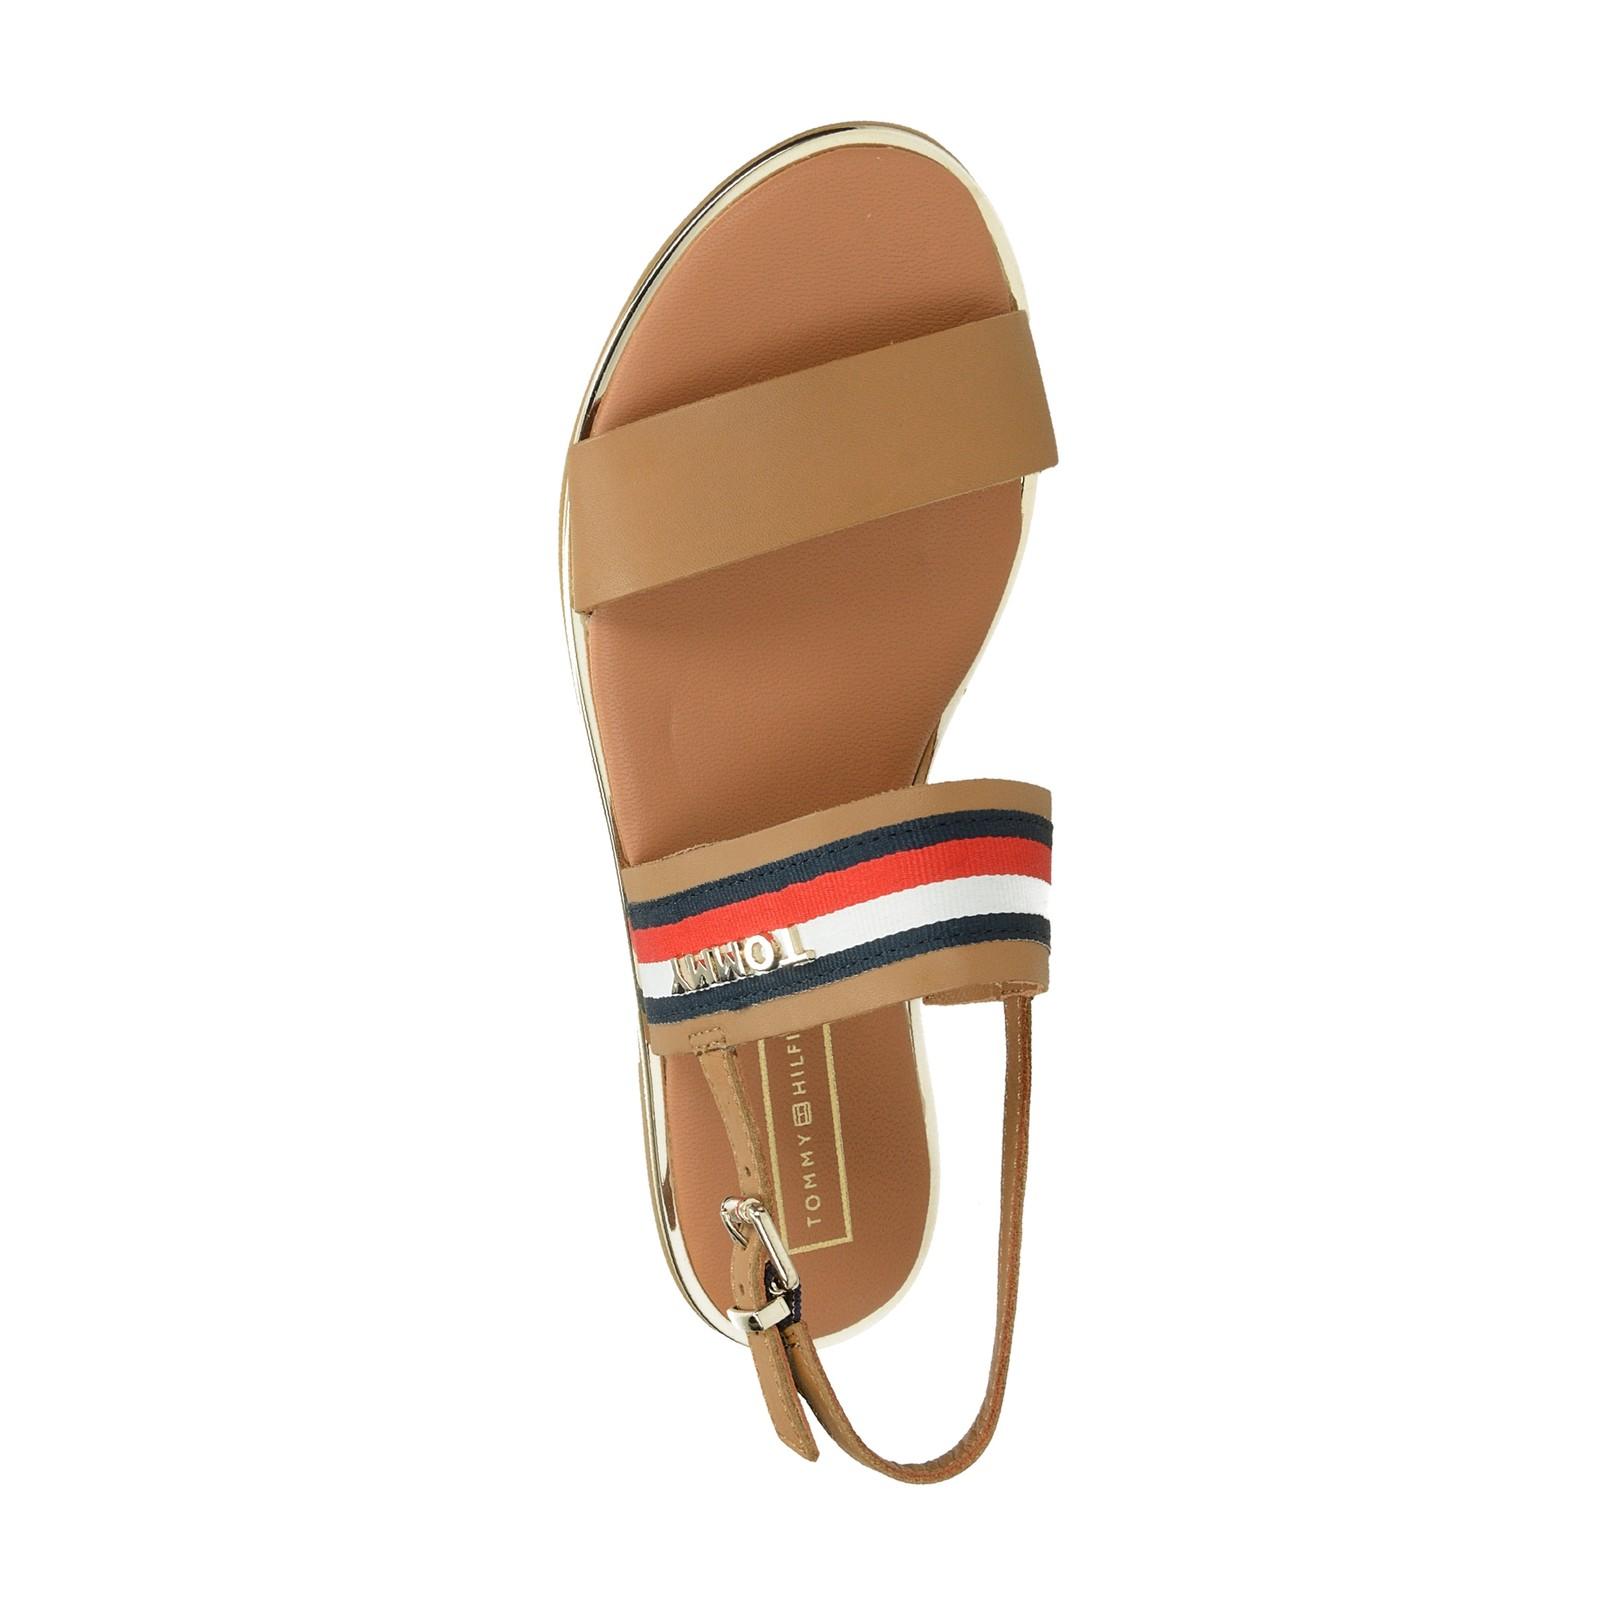 Tommy Hilfiger dámske kožené štýlové sandále - hnedé